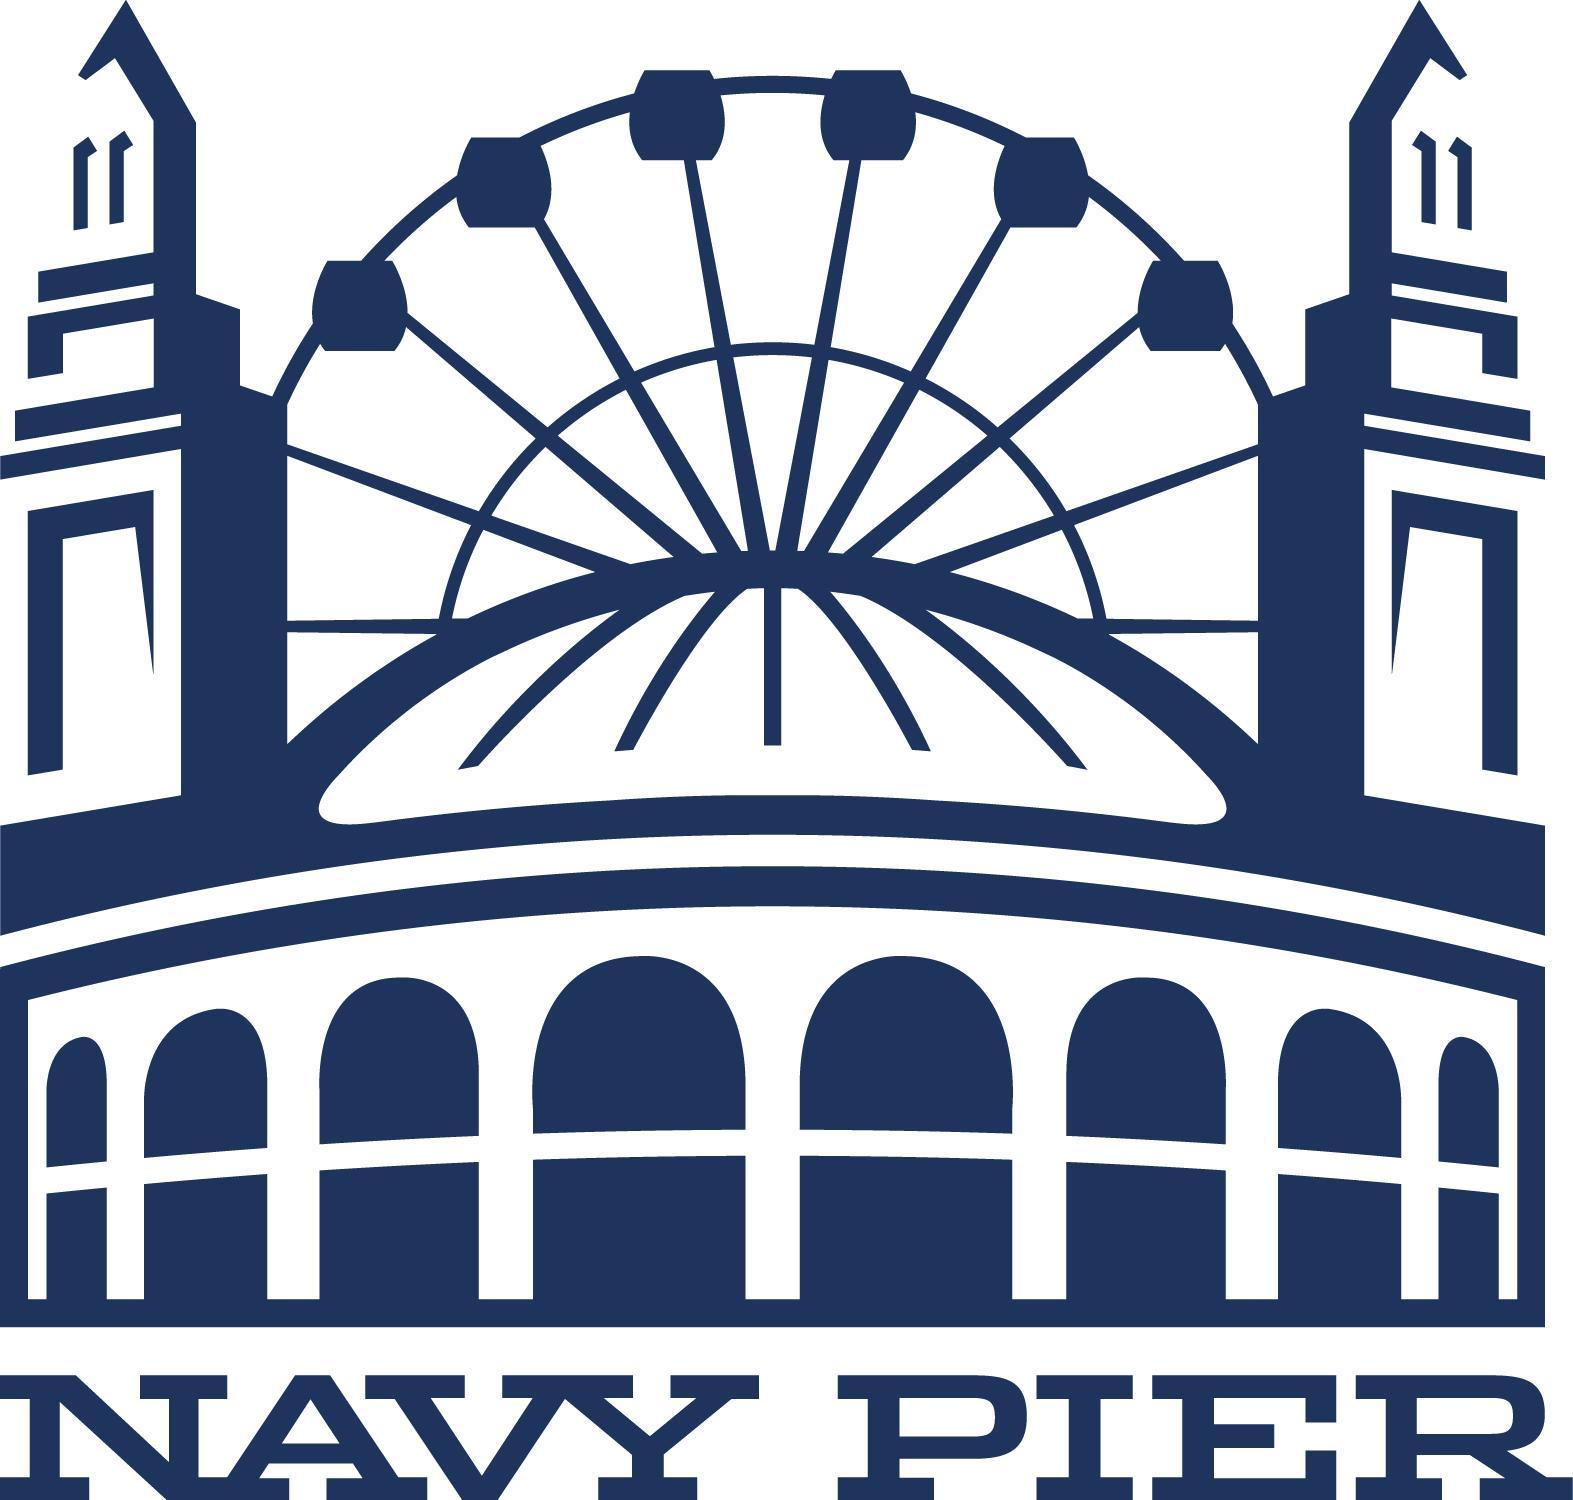 Logo for Navy Pier.